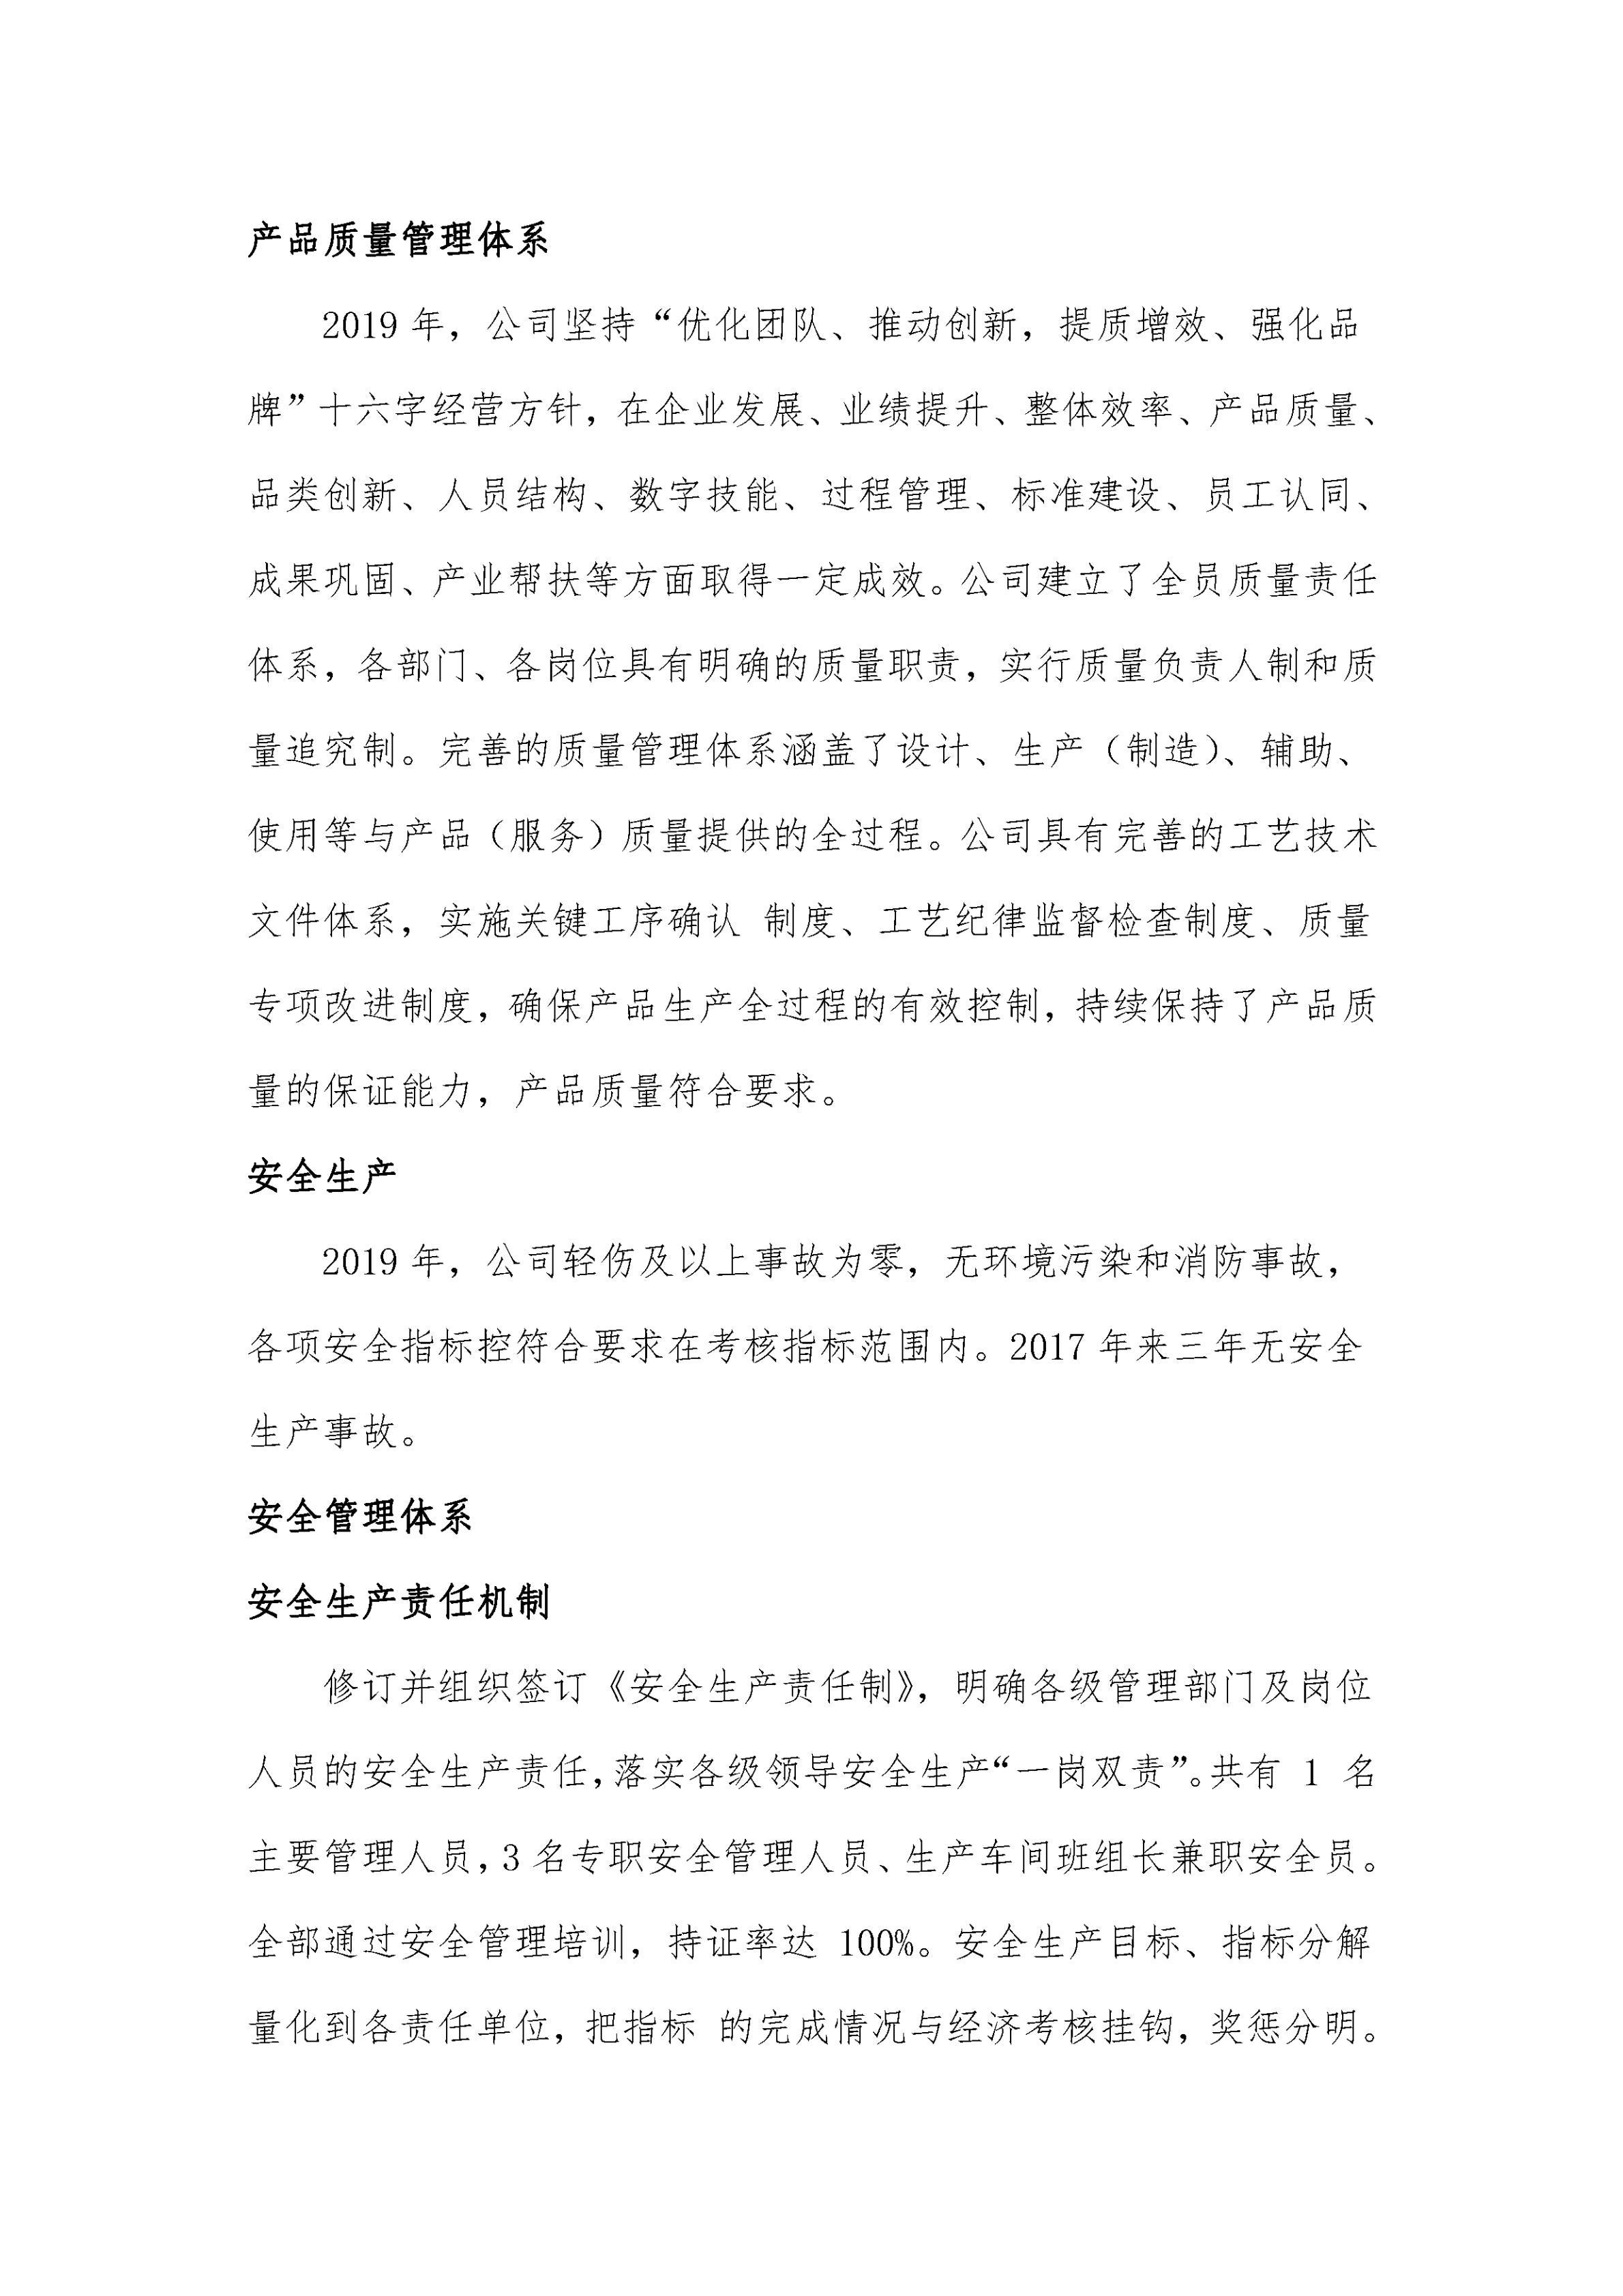 云南理世实业(集团)有限责任公司2019年社会责任报告.FR11_07.jpg